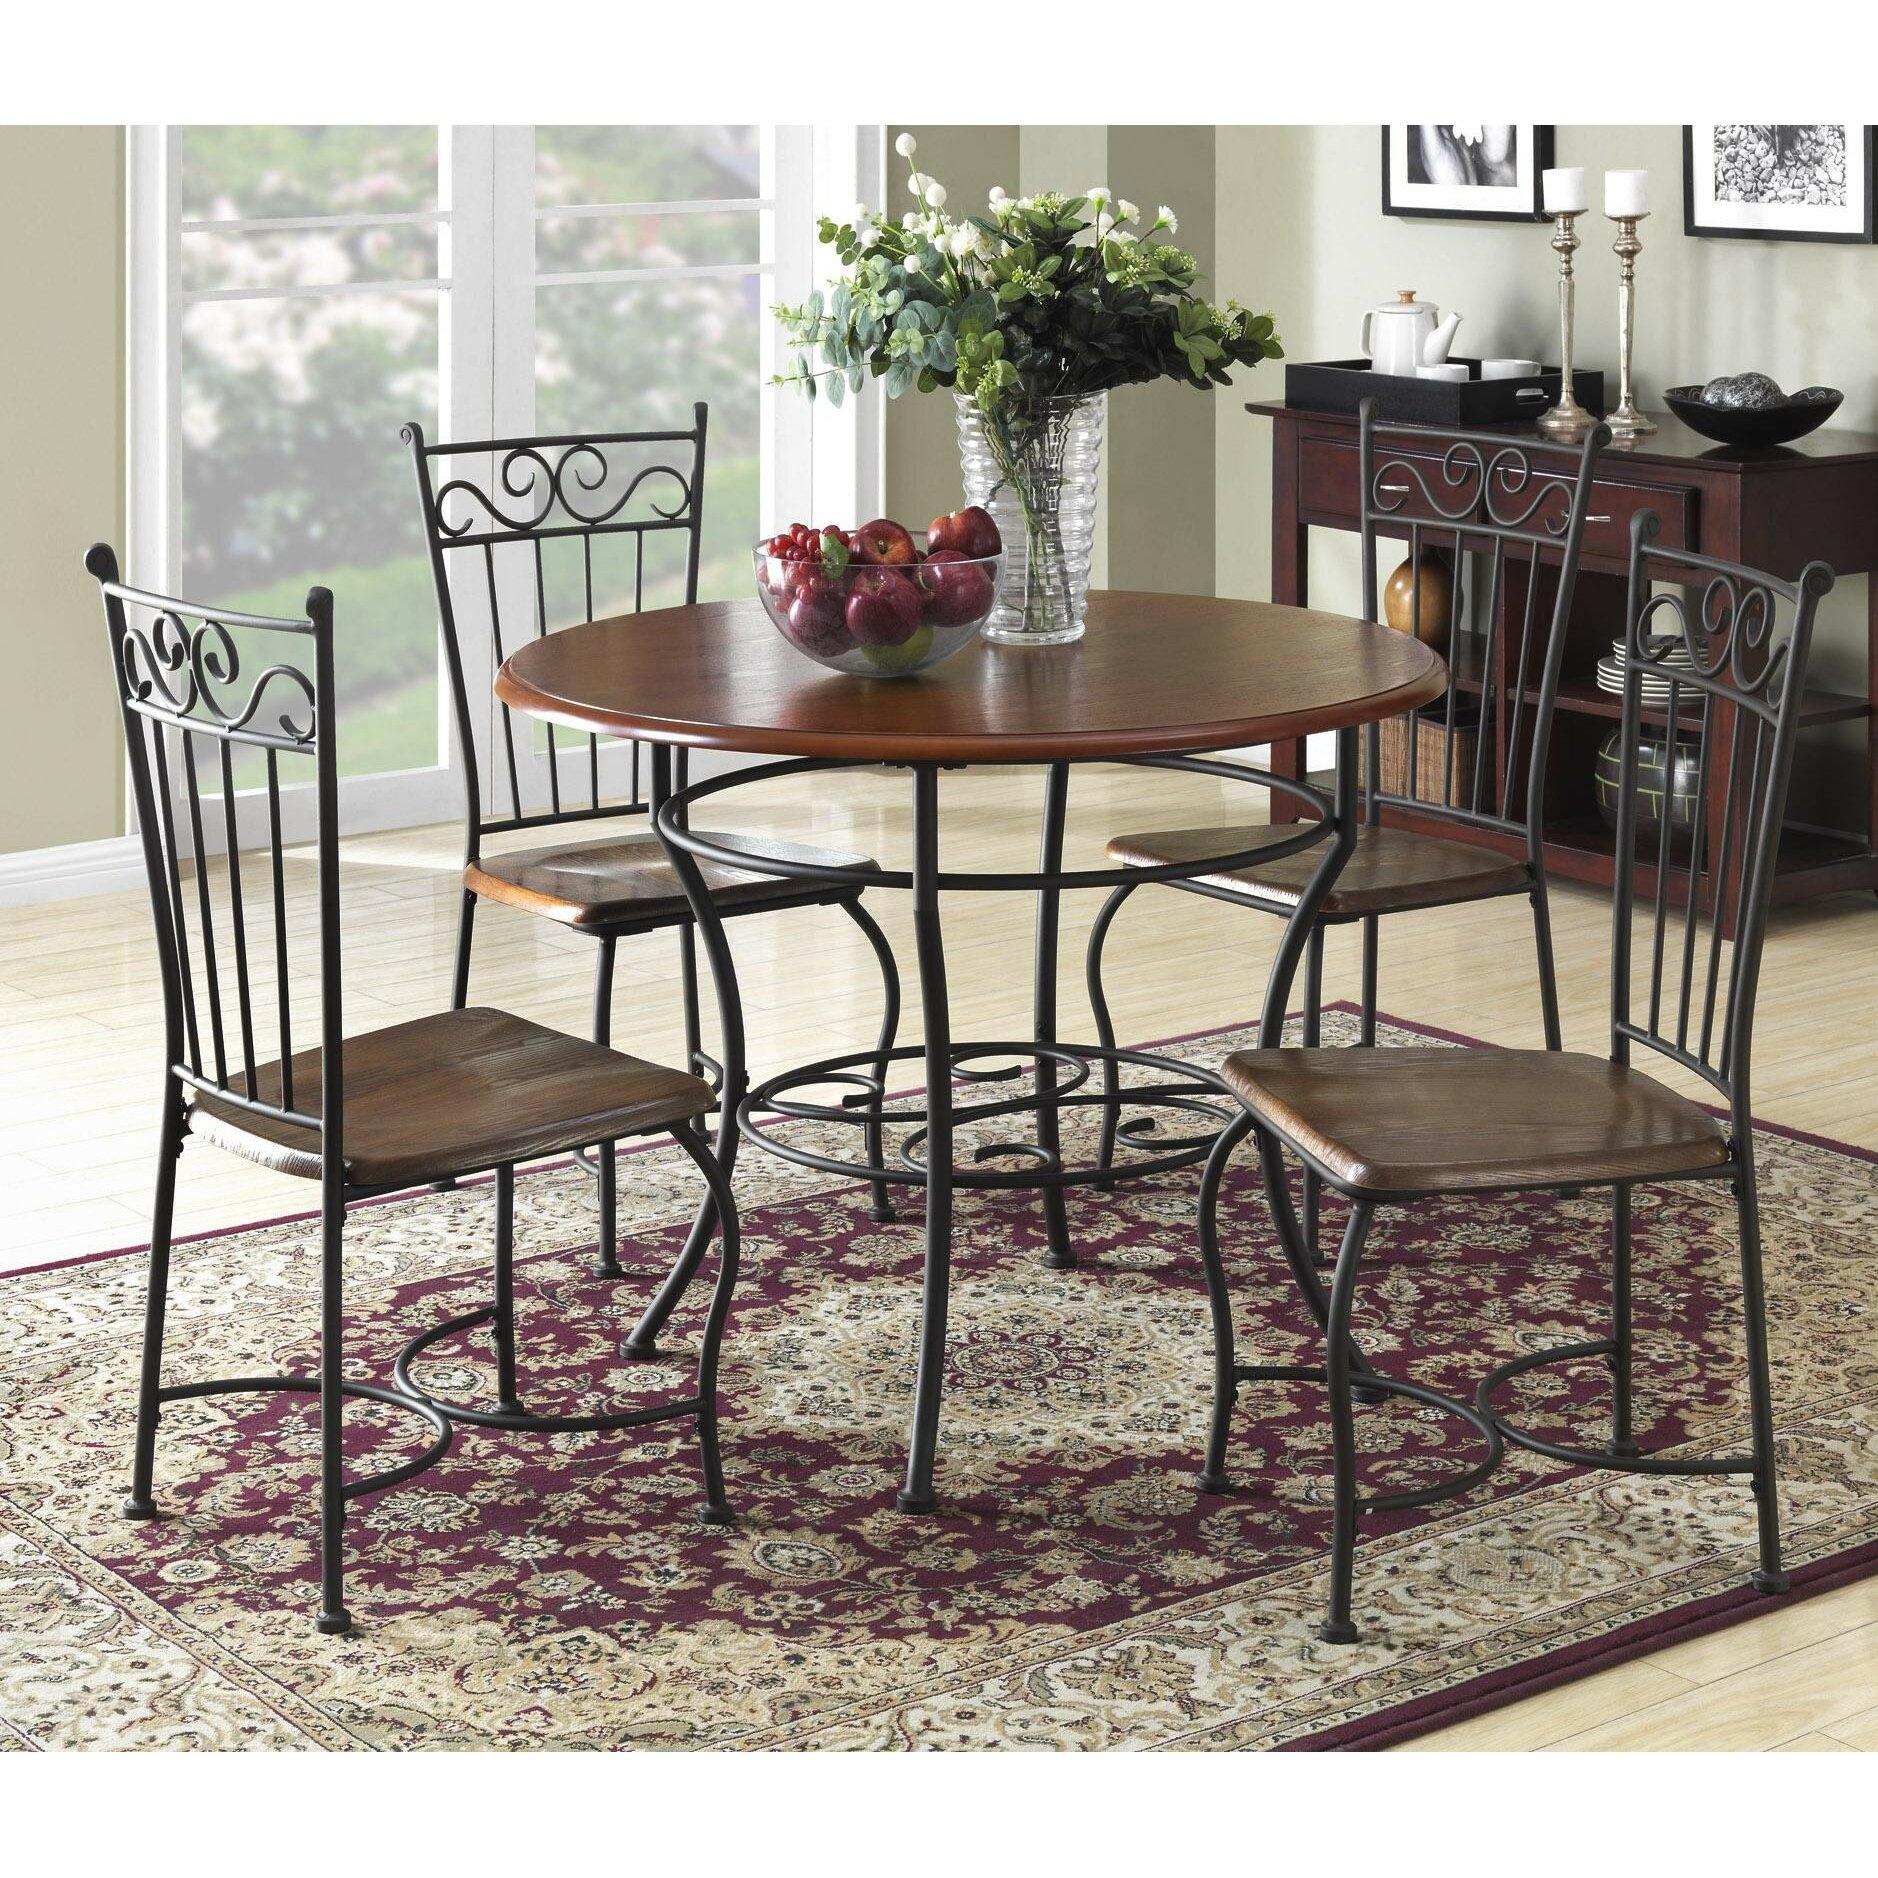 Dorel living 5 piece dining set reviews wayfair for Living room 5 piece sets